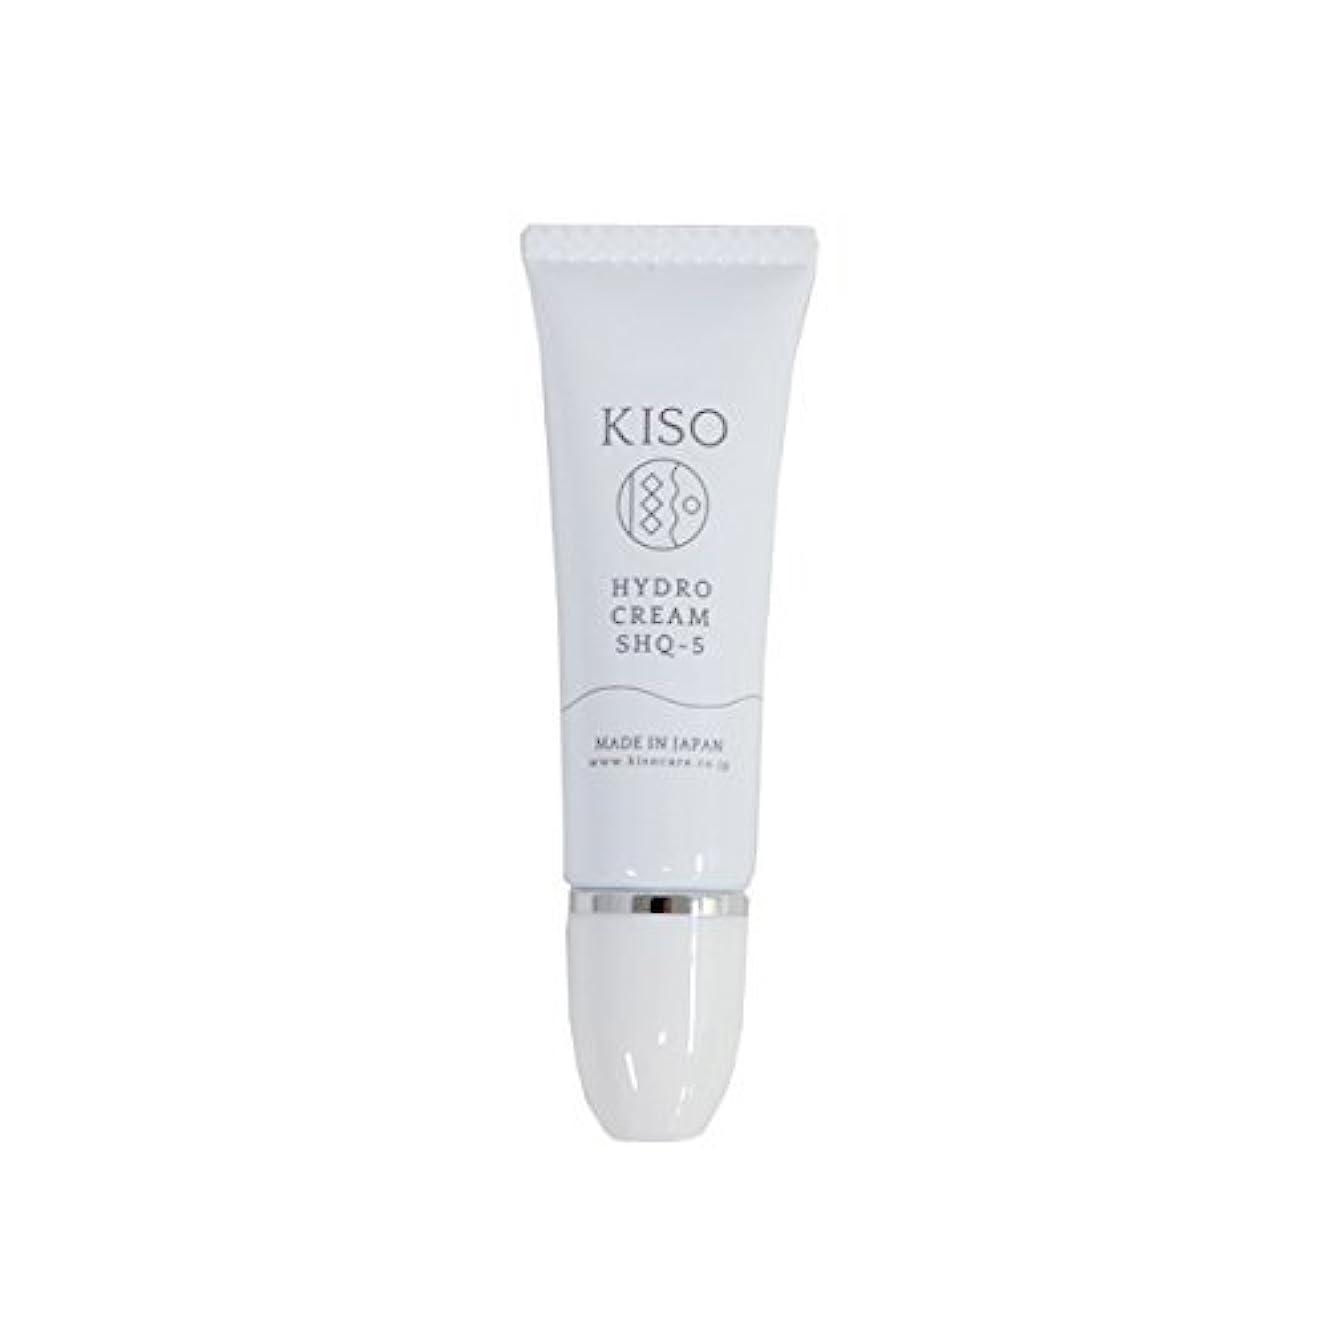 カプセルやむを得ない陪審KISO 安定型 ハイドロキノン 5%配合【ハイドロ クリーム SHQ-5 10g】スキンケアで肌を整えた後にちょこっとケア 日本製